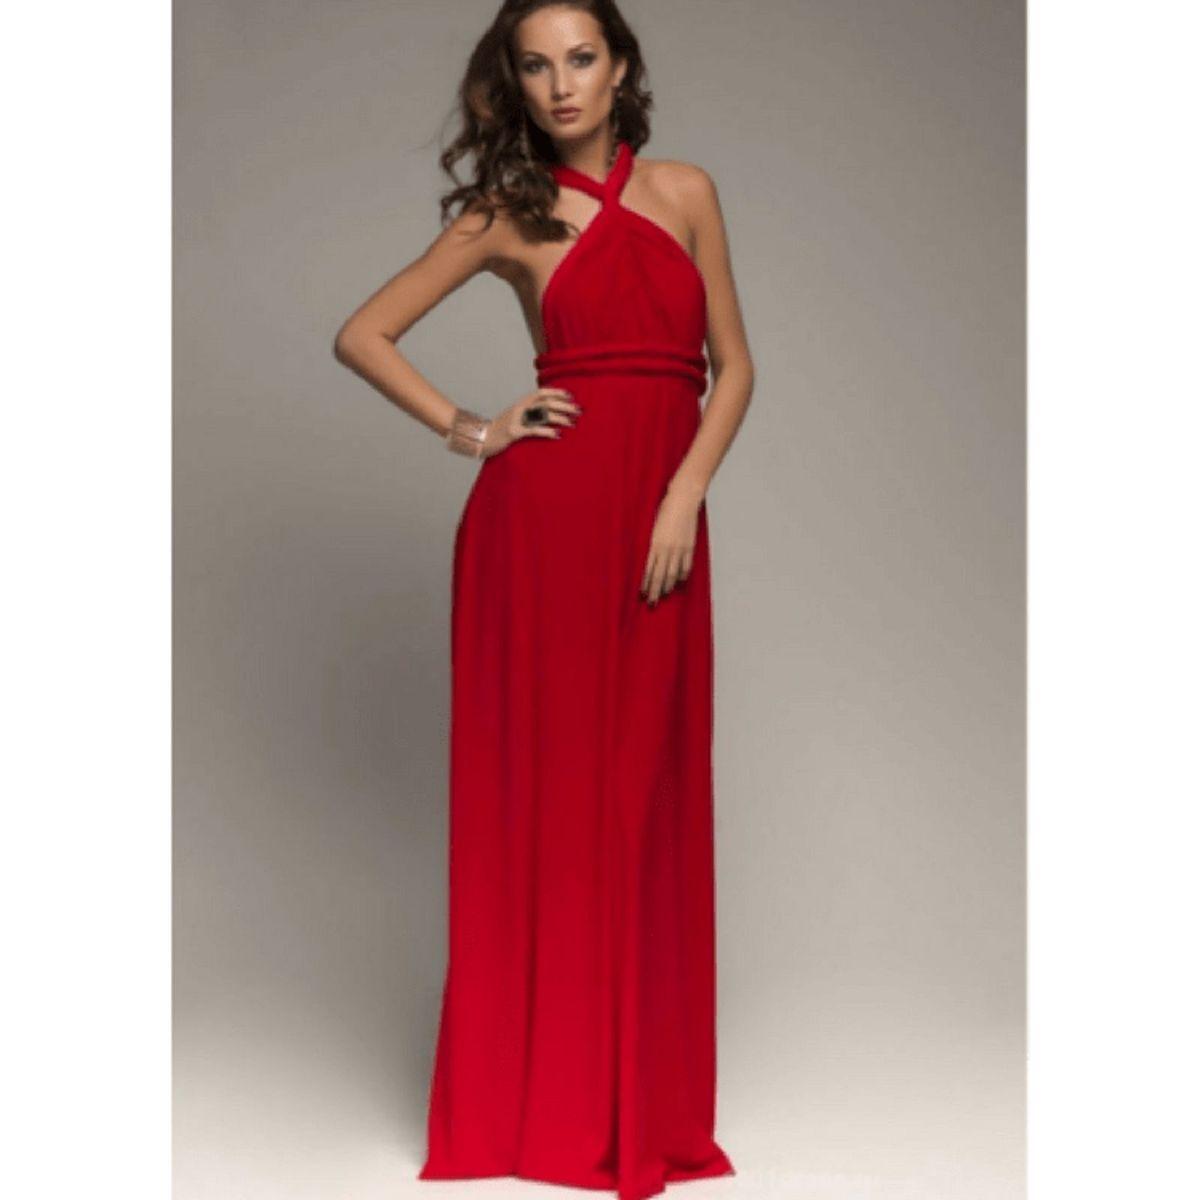 82da68f08 vestido longo festa madrinha rodado diversos modelos vermelho claro - vestidos  sem marca